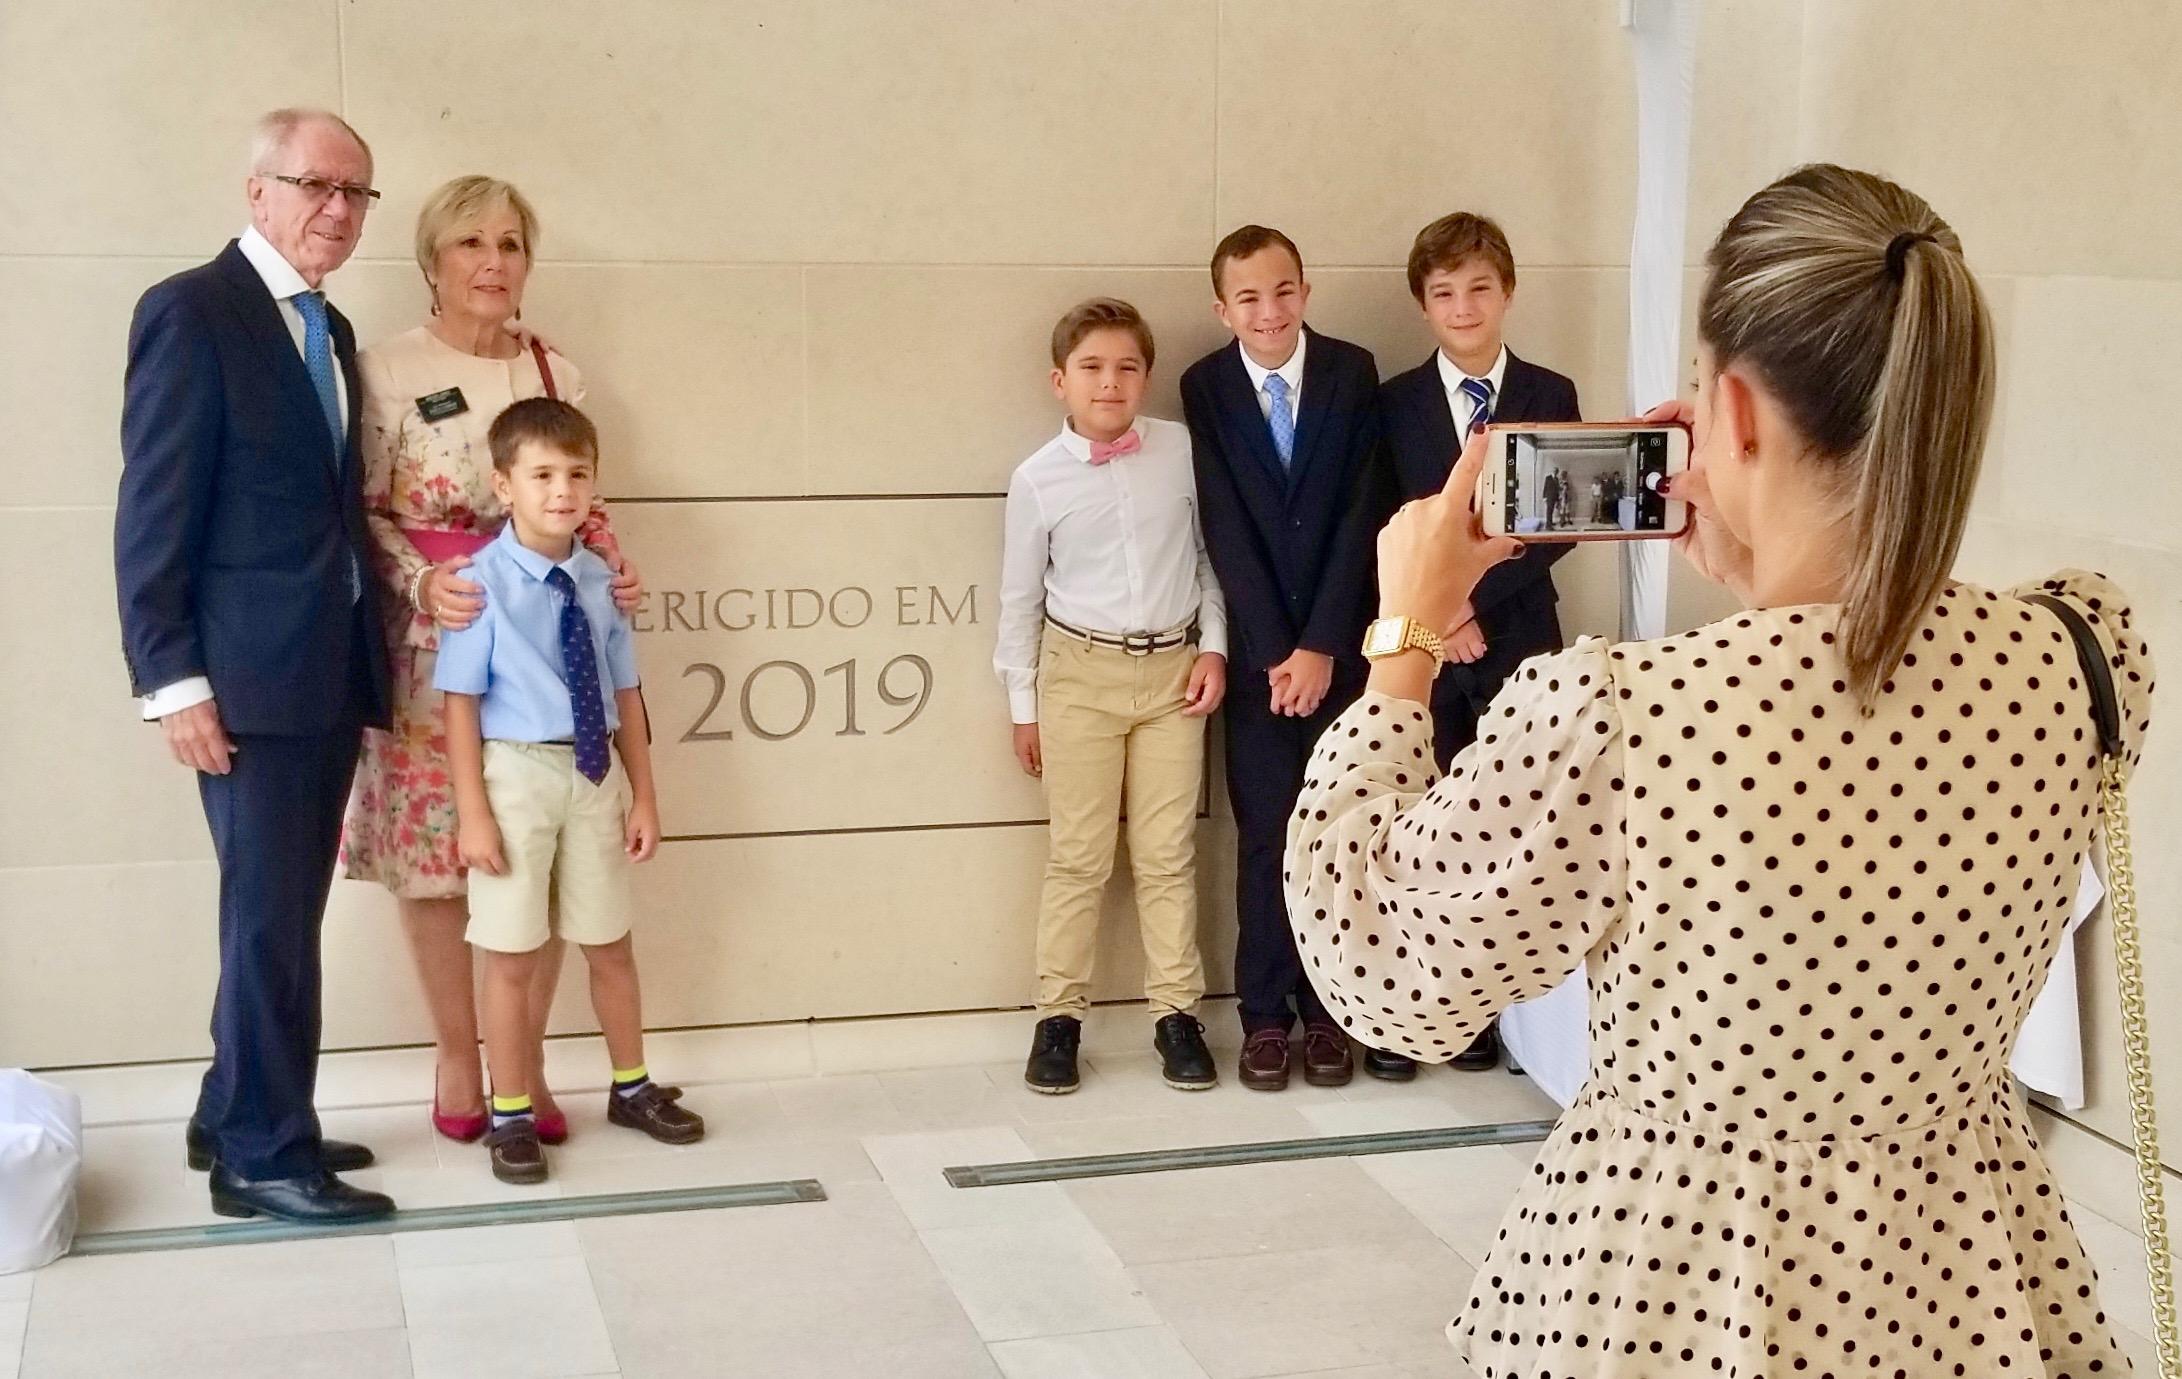 Santos dos últimos dias locais reúnem-se para uma foto em torno da pedra angular do Templo de Lisboa Portugal no dia da sua dedicação, domingo, 15 de setembro de 2019.